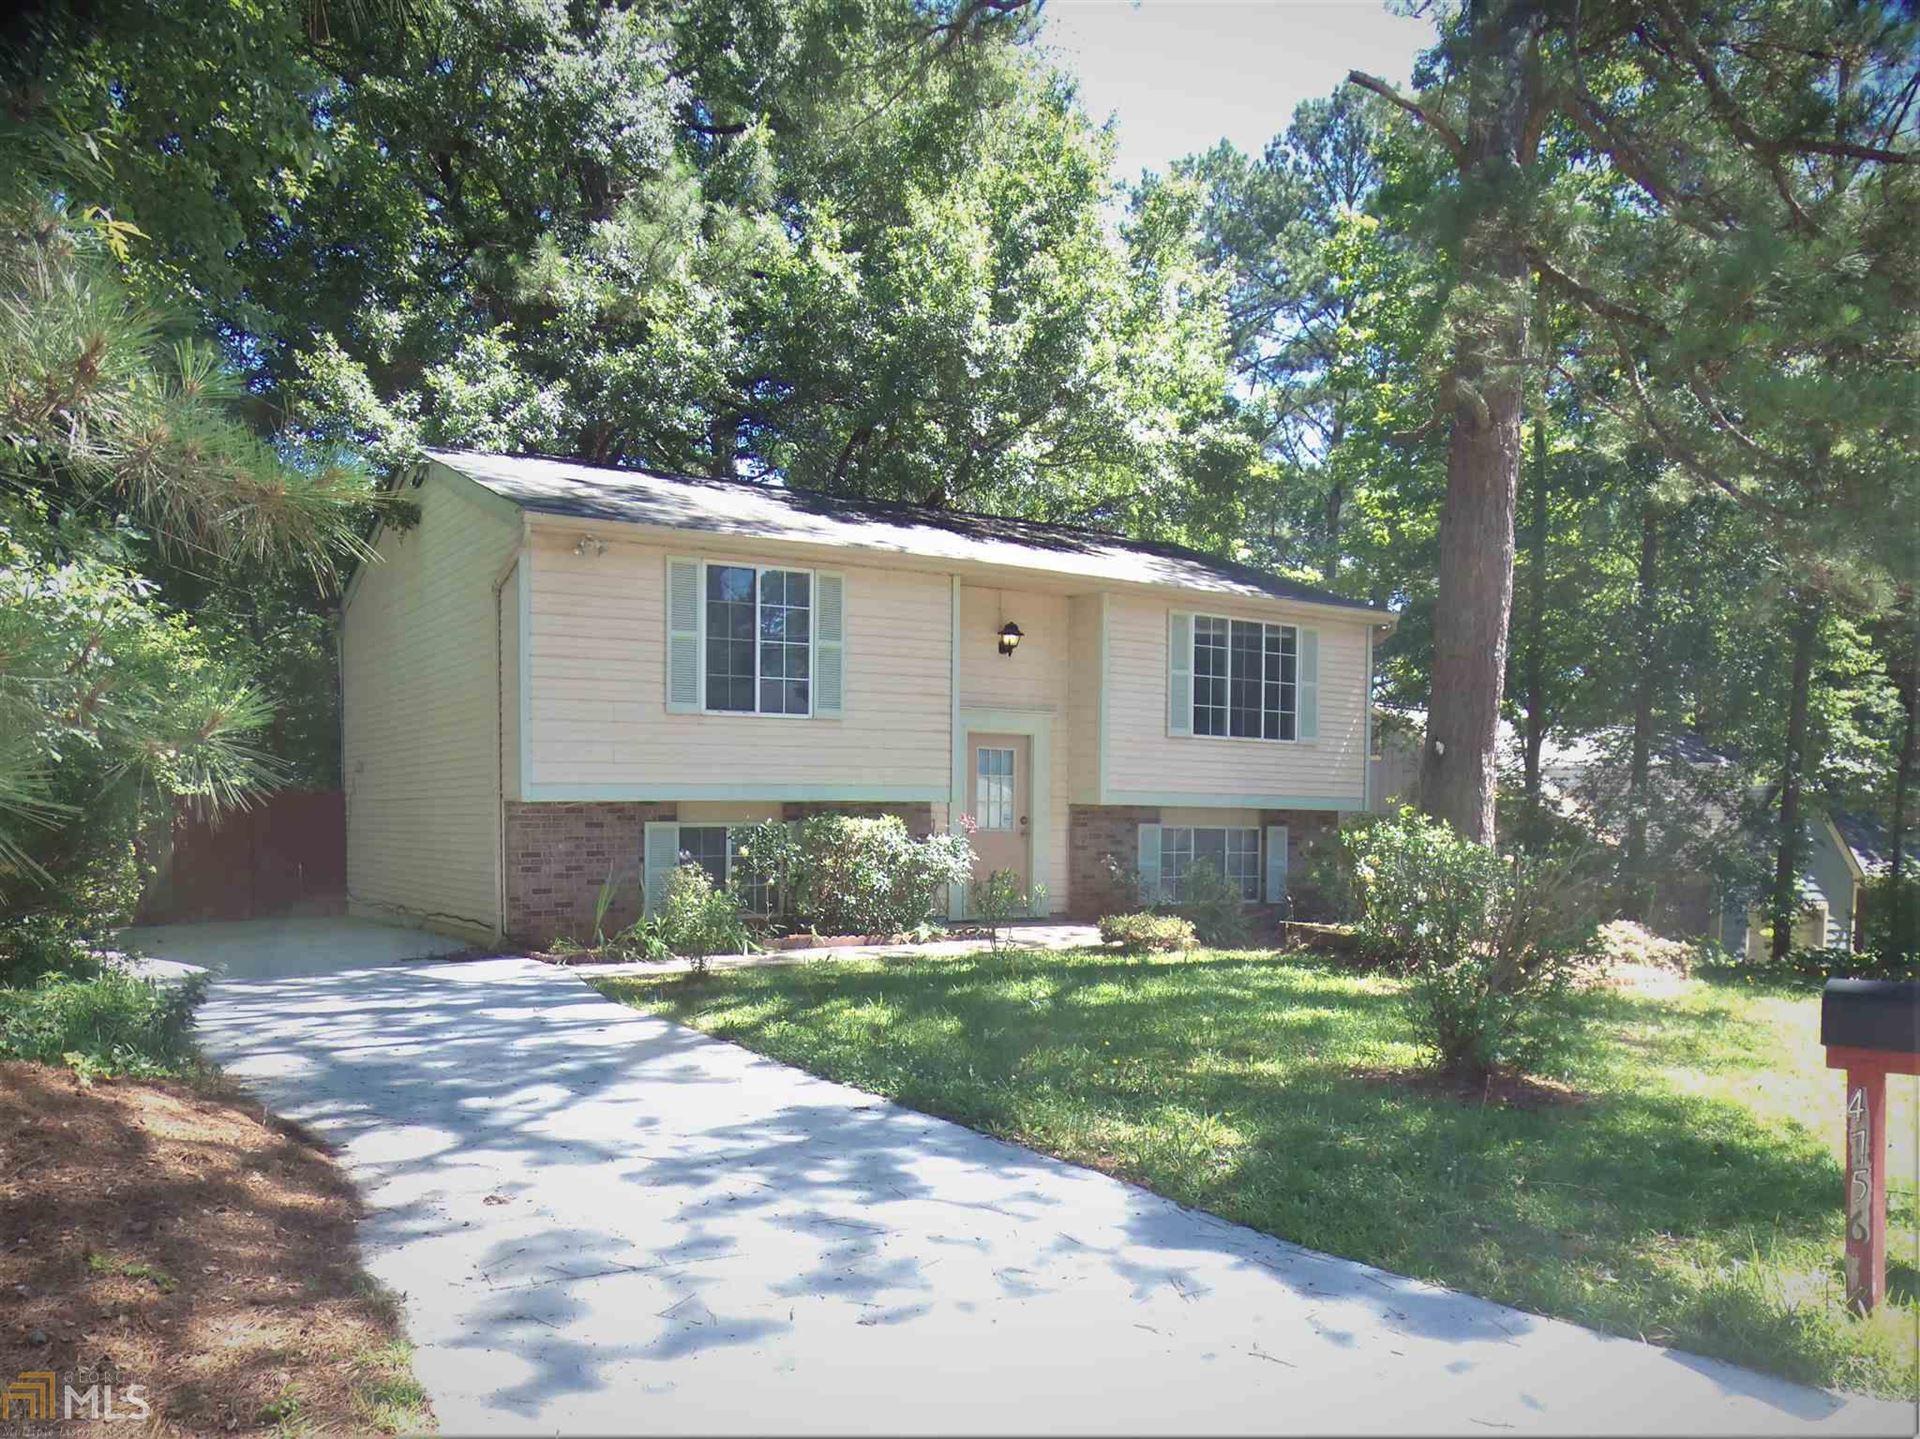 4756 White Oak Trl, Stone Mountain, GA 30088 - MLS#: 8804299